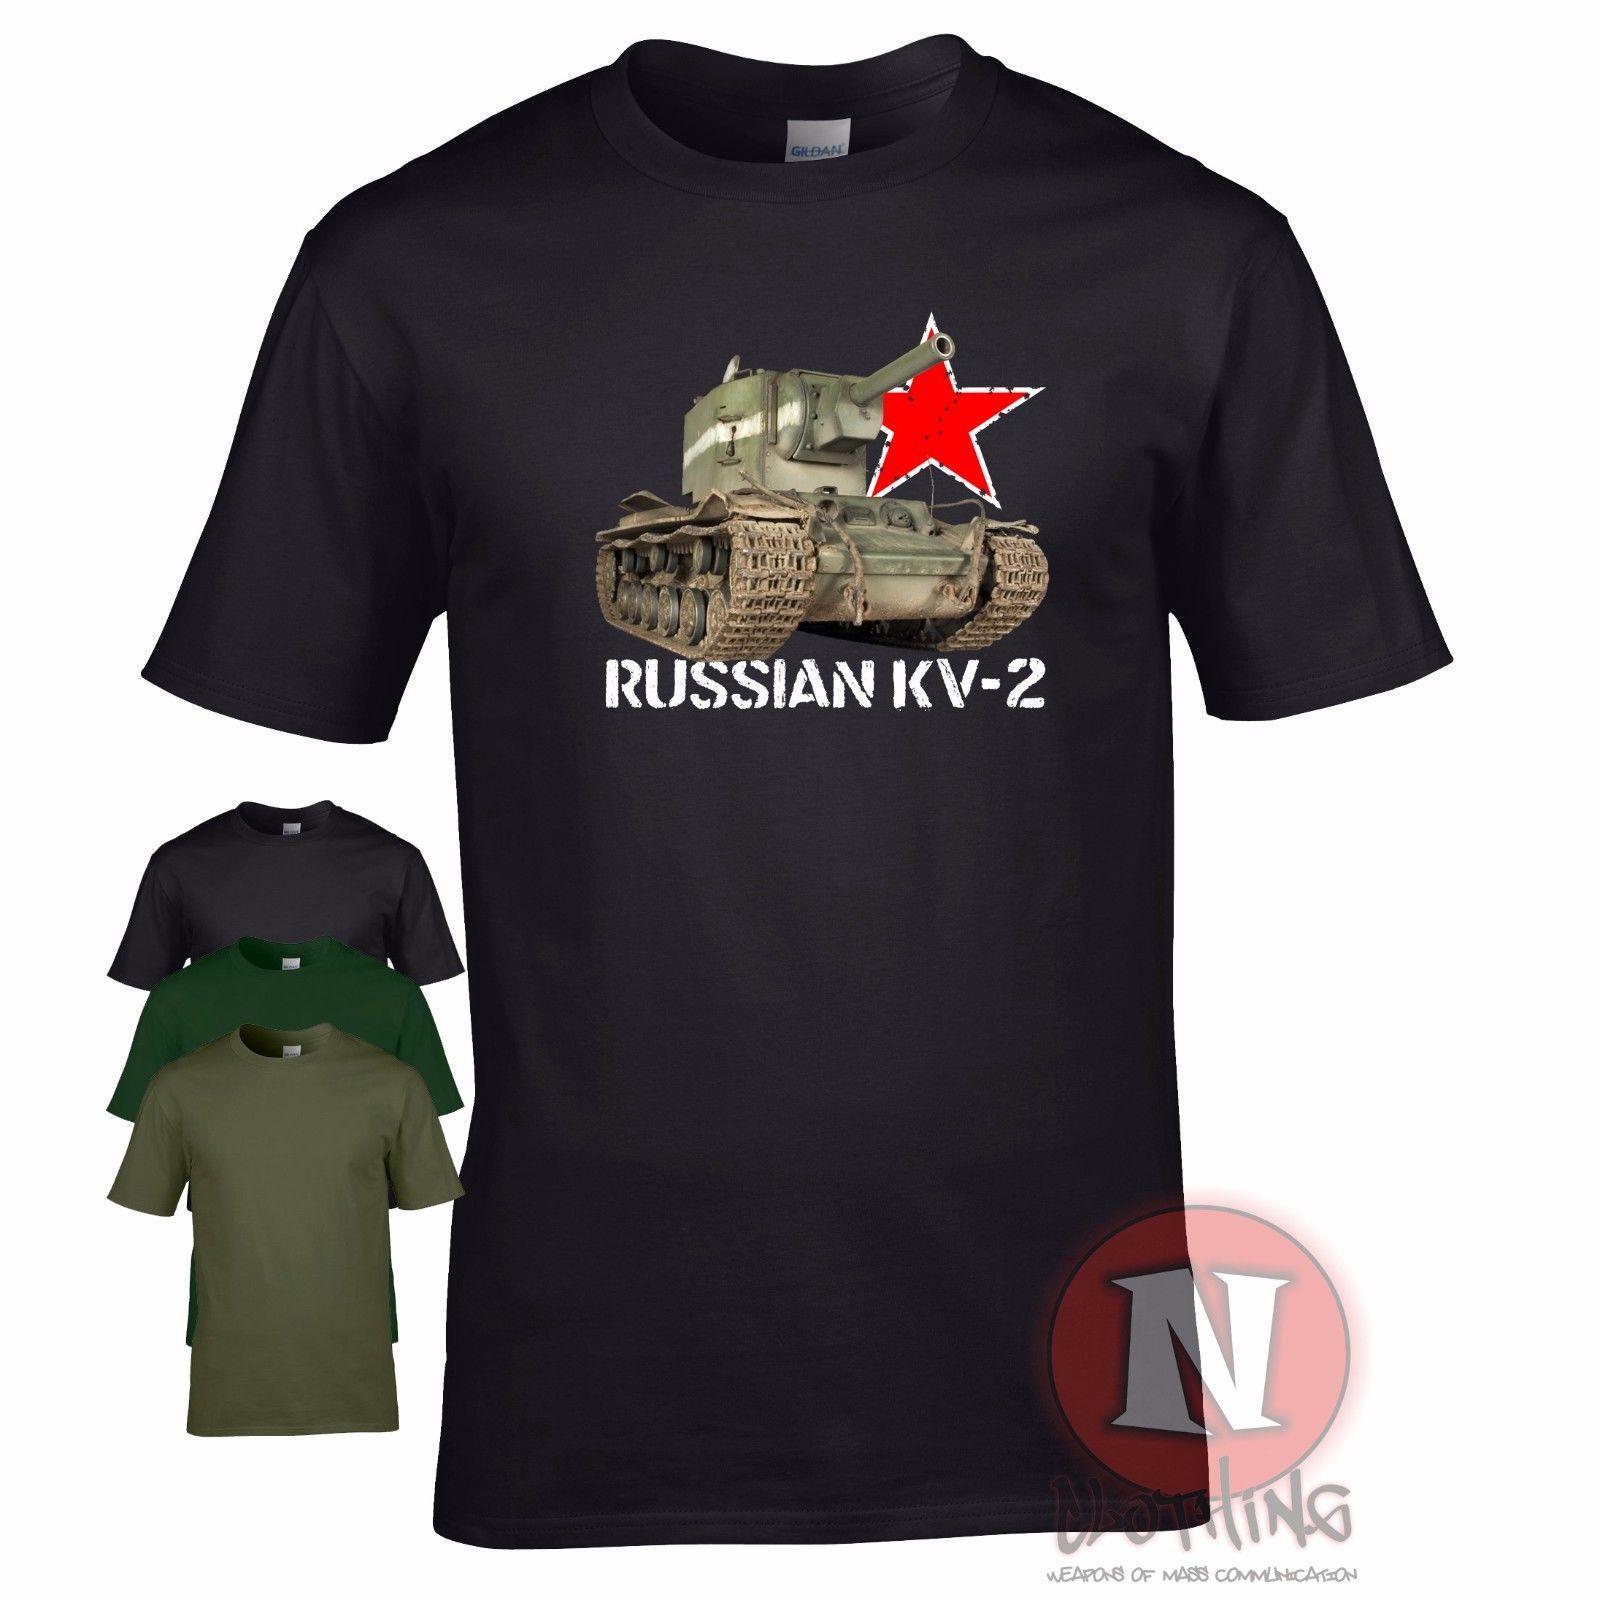 Grosshandel T Shirt Des Russischen Panzerpanzers Ww2 Des Militars Ww2